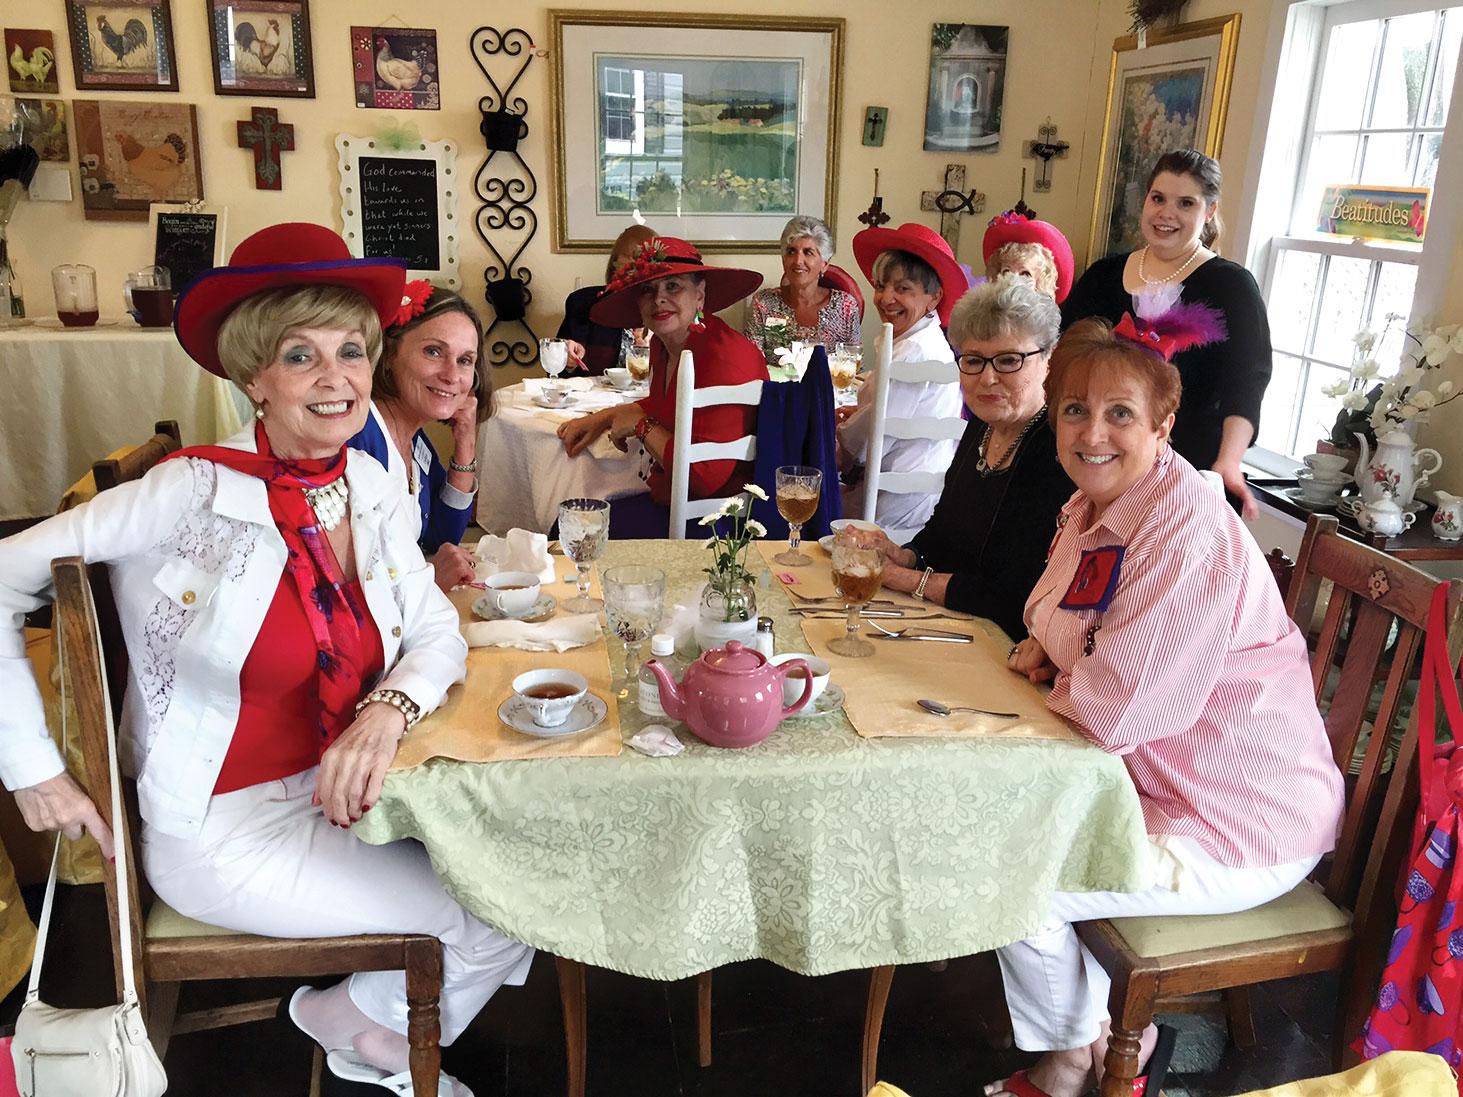 The Ladies with Hattitude enjoying their tea